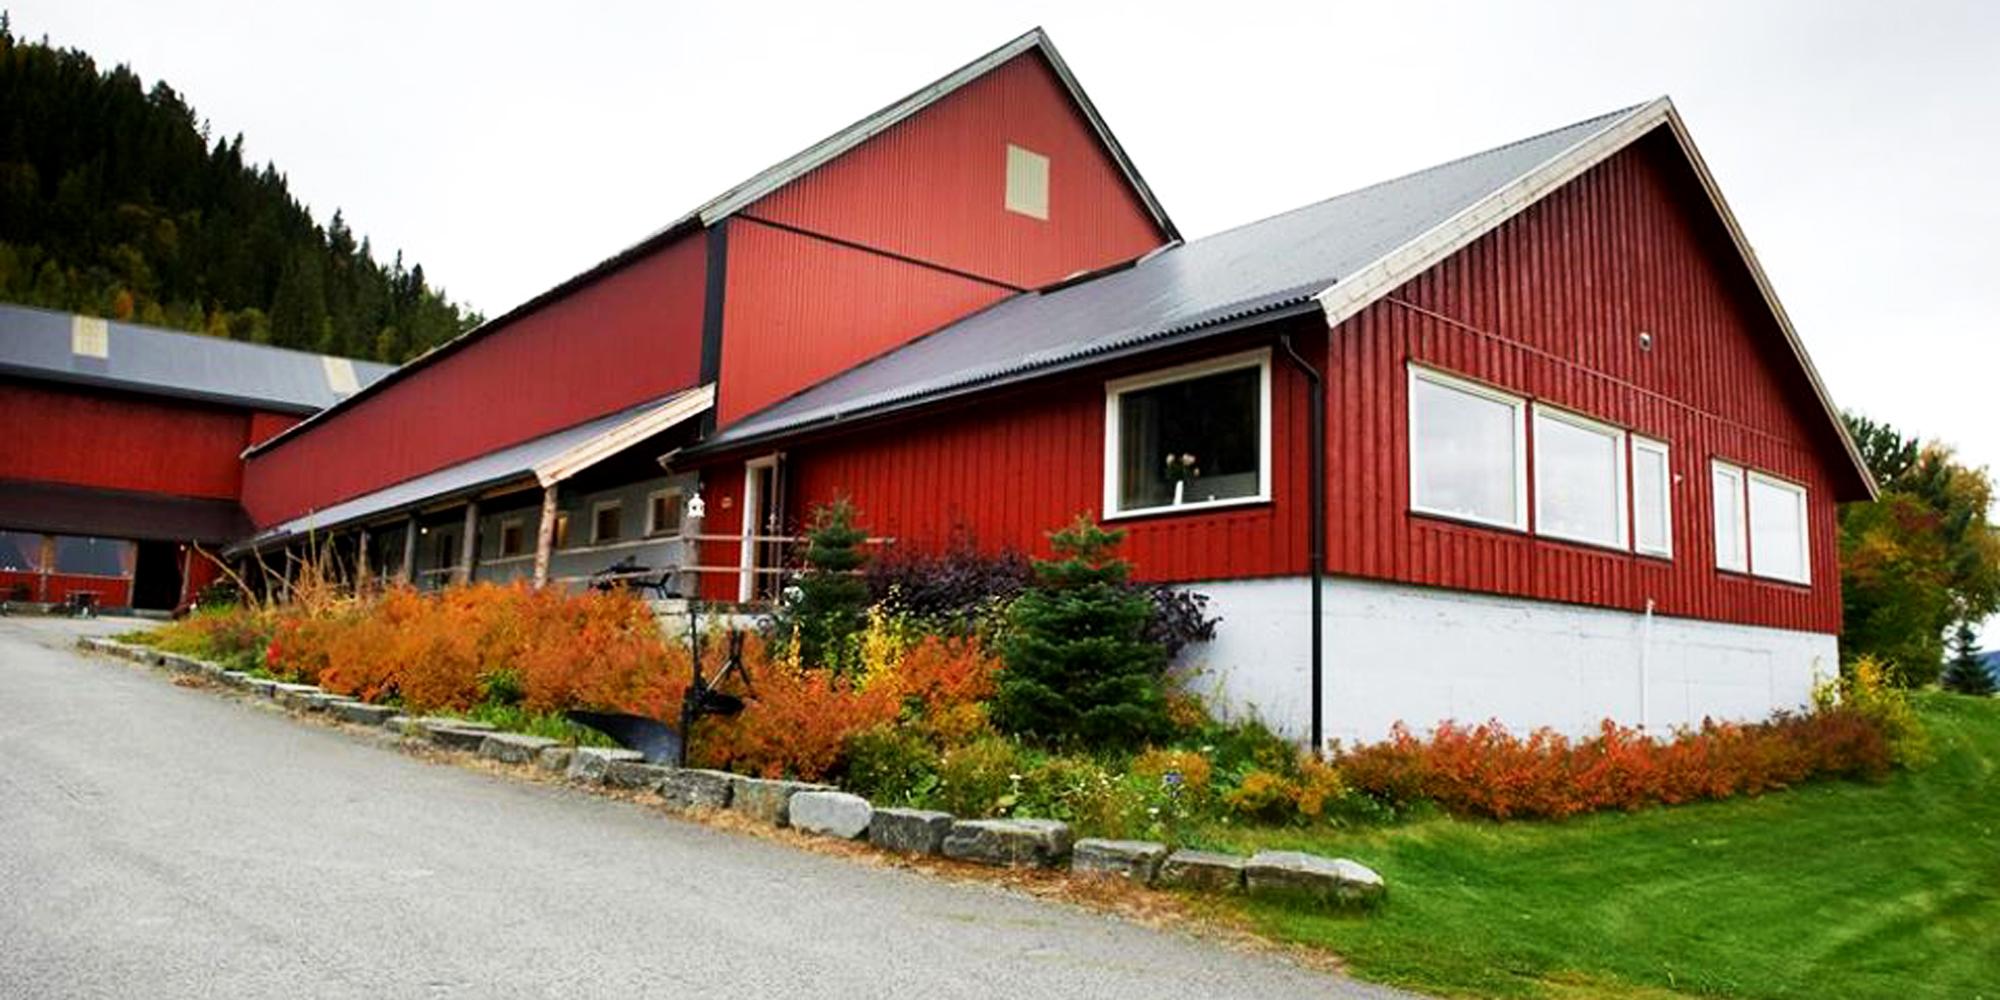 Stene Spa og Kulturgård - gården. Copyright: Stene Spa og Kulturgård